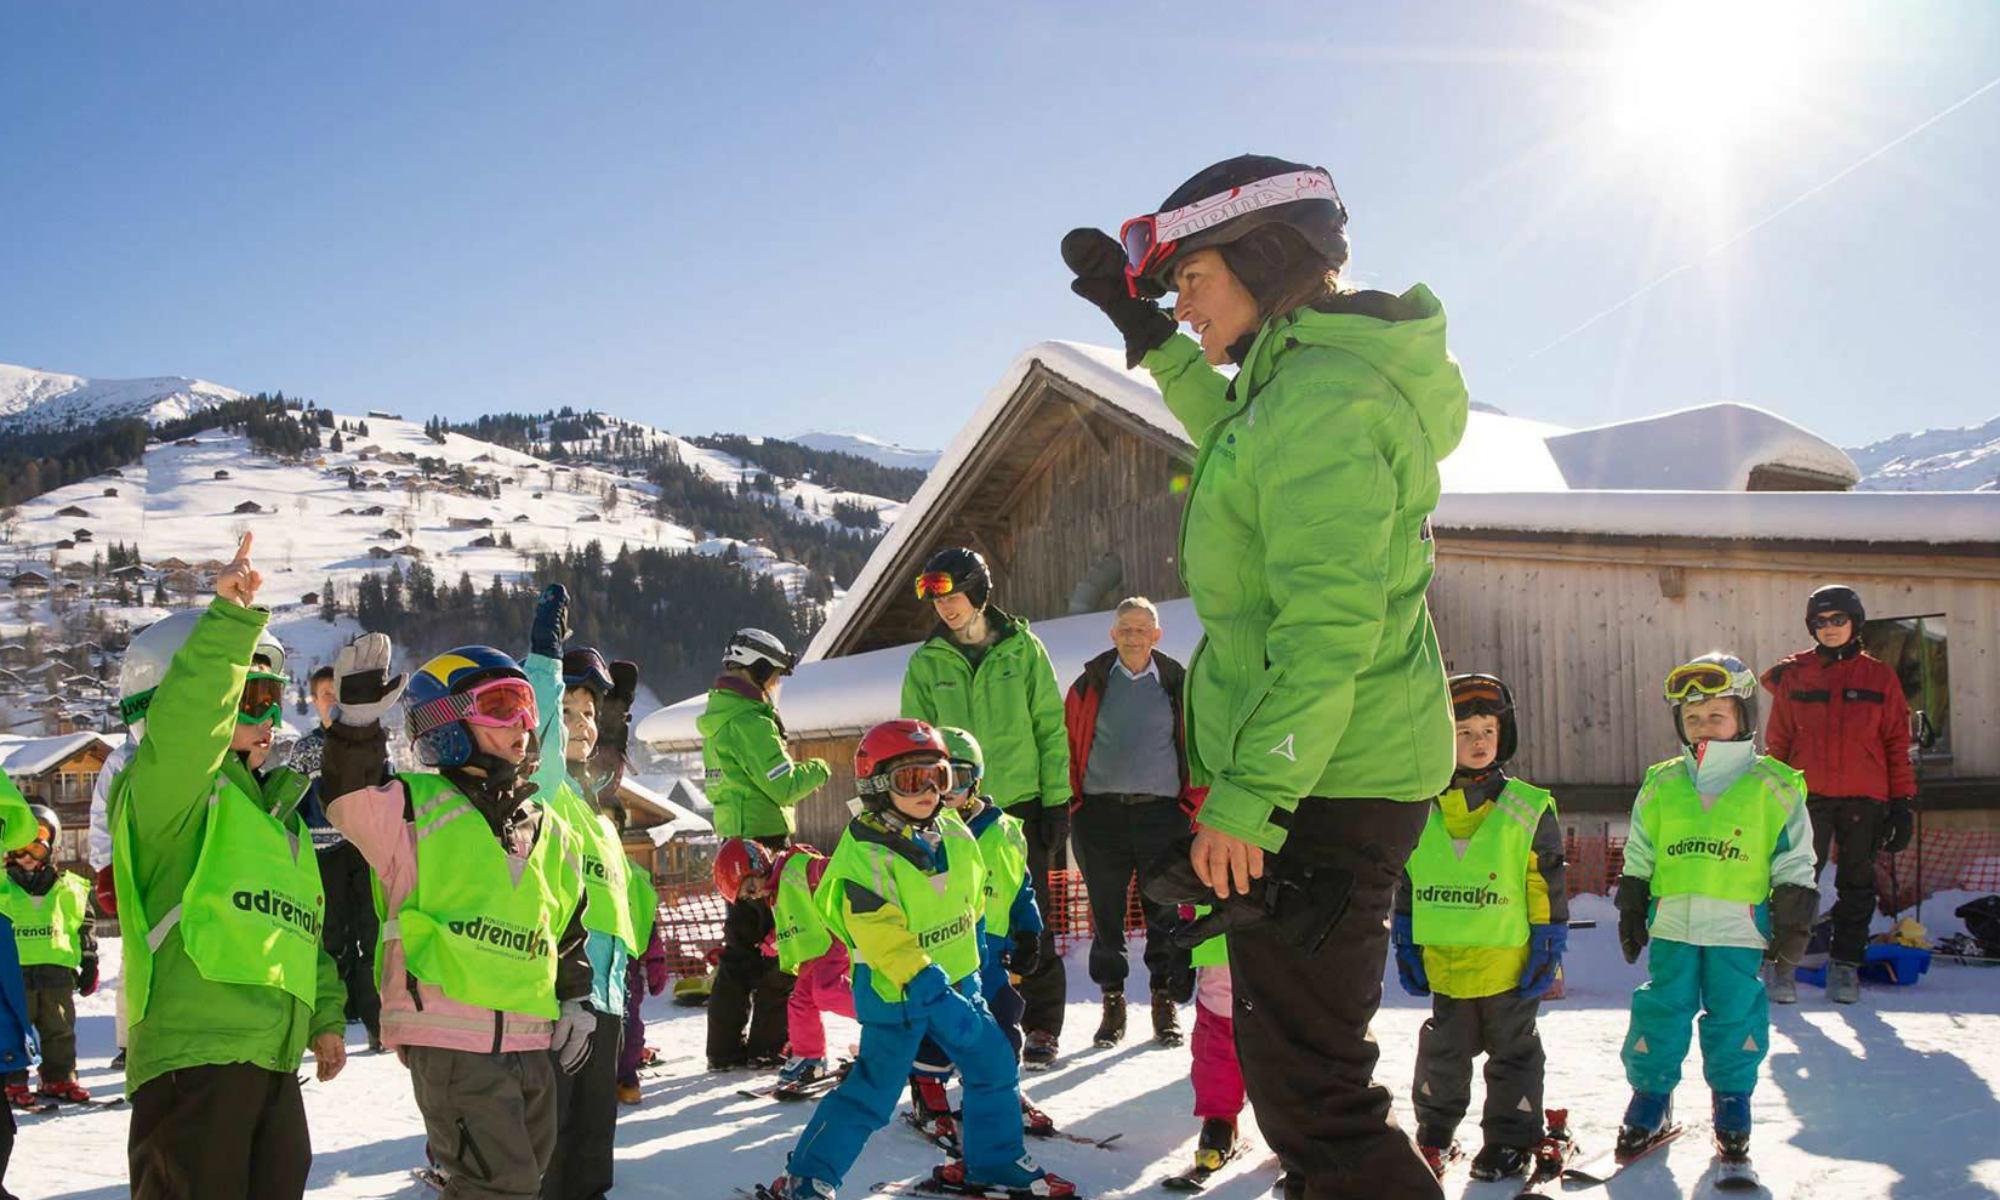 Kinder beim Skikurs der Skischule Adrenalin in Lenk.